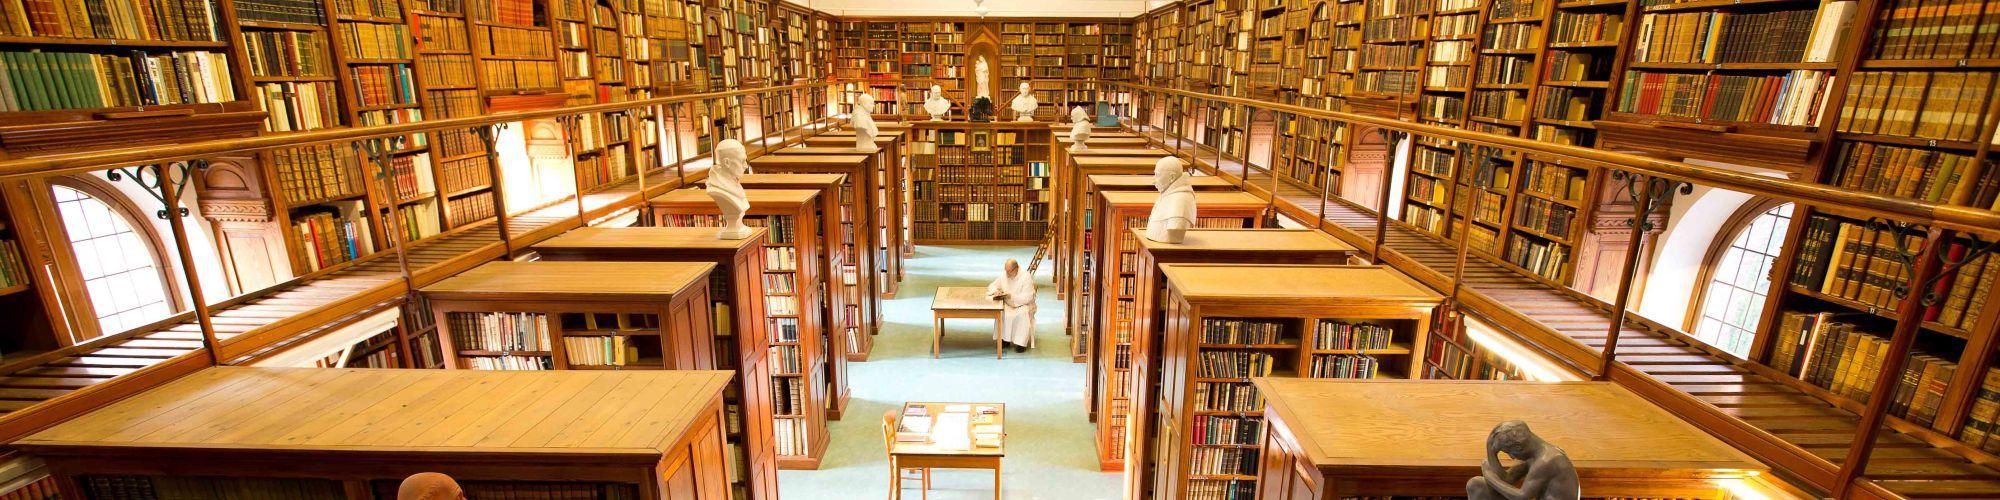 Abdijbibliotheek van Westmalle met veel oude manuscripten